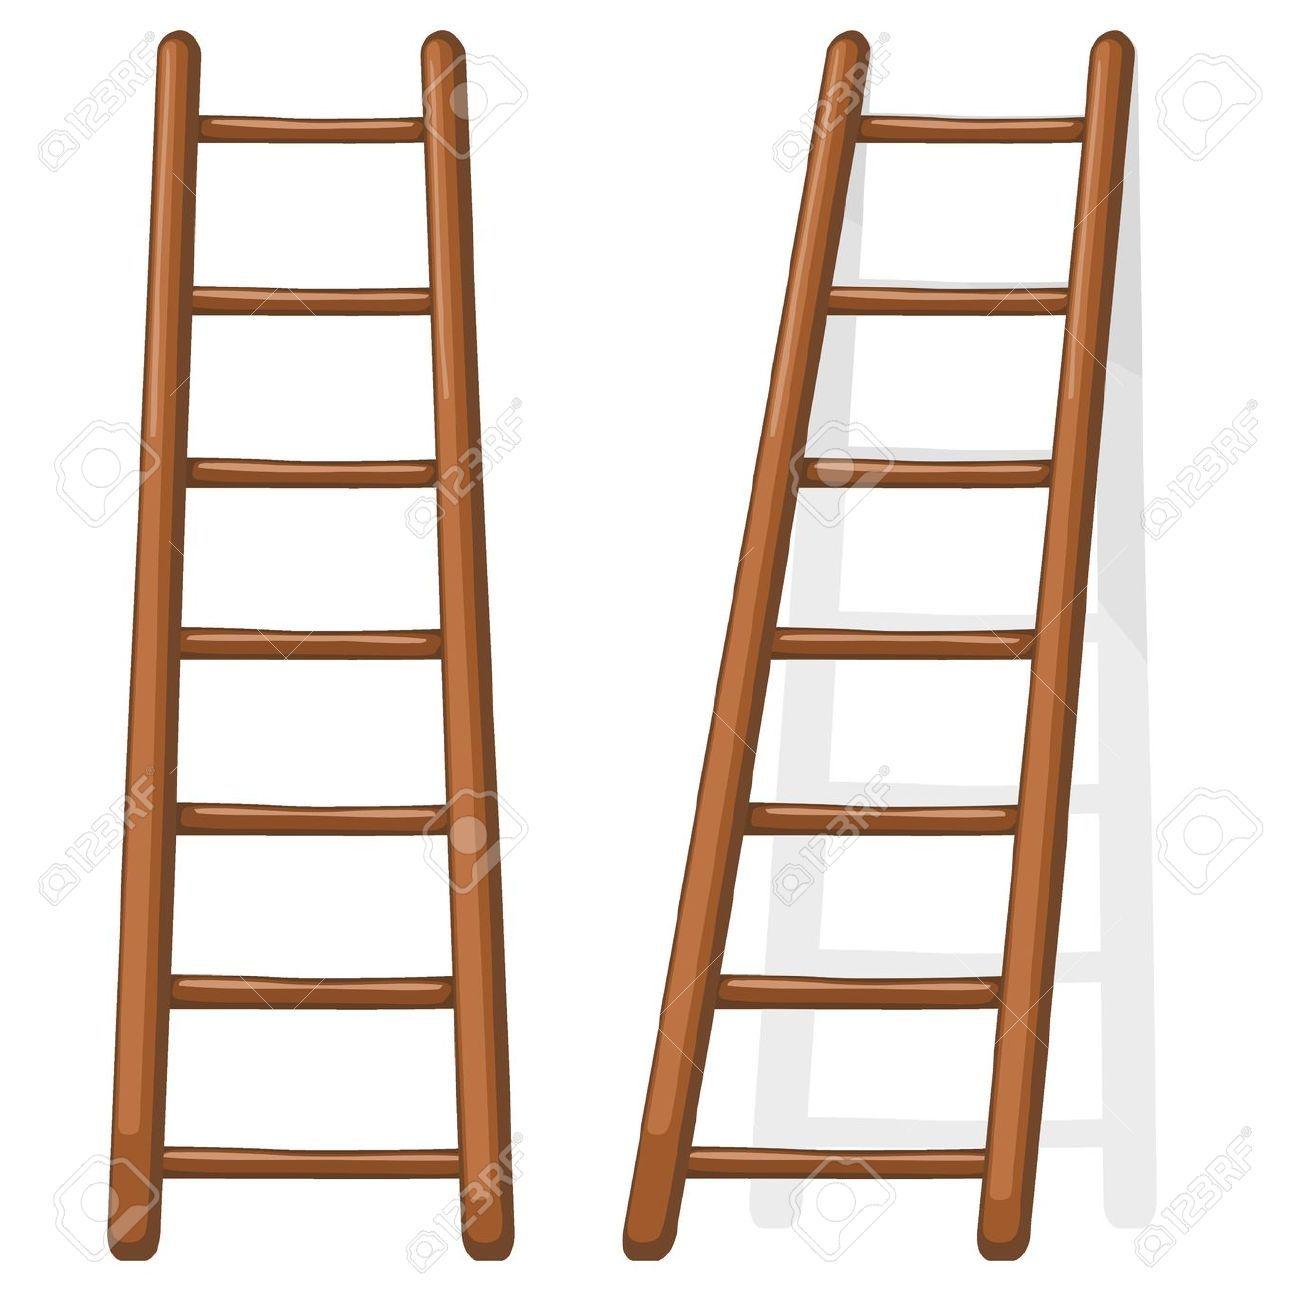 12870216 cartoon illustration of a wooden staircase stock - Escalera de madera de pintor ...